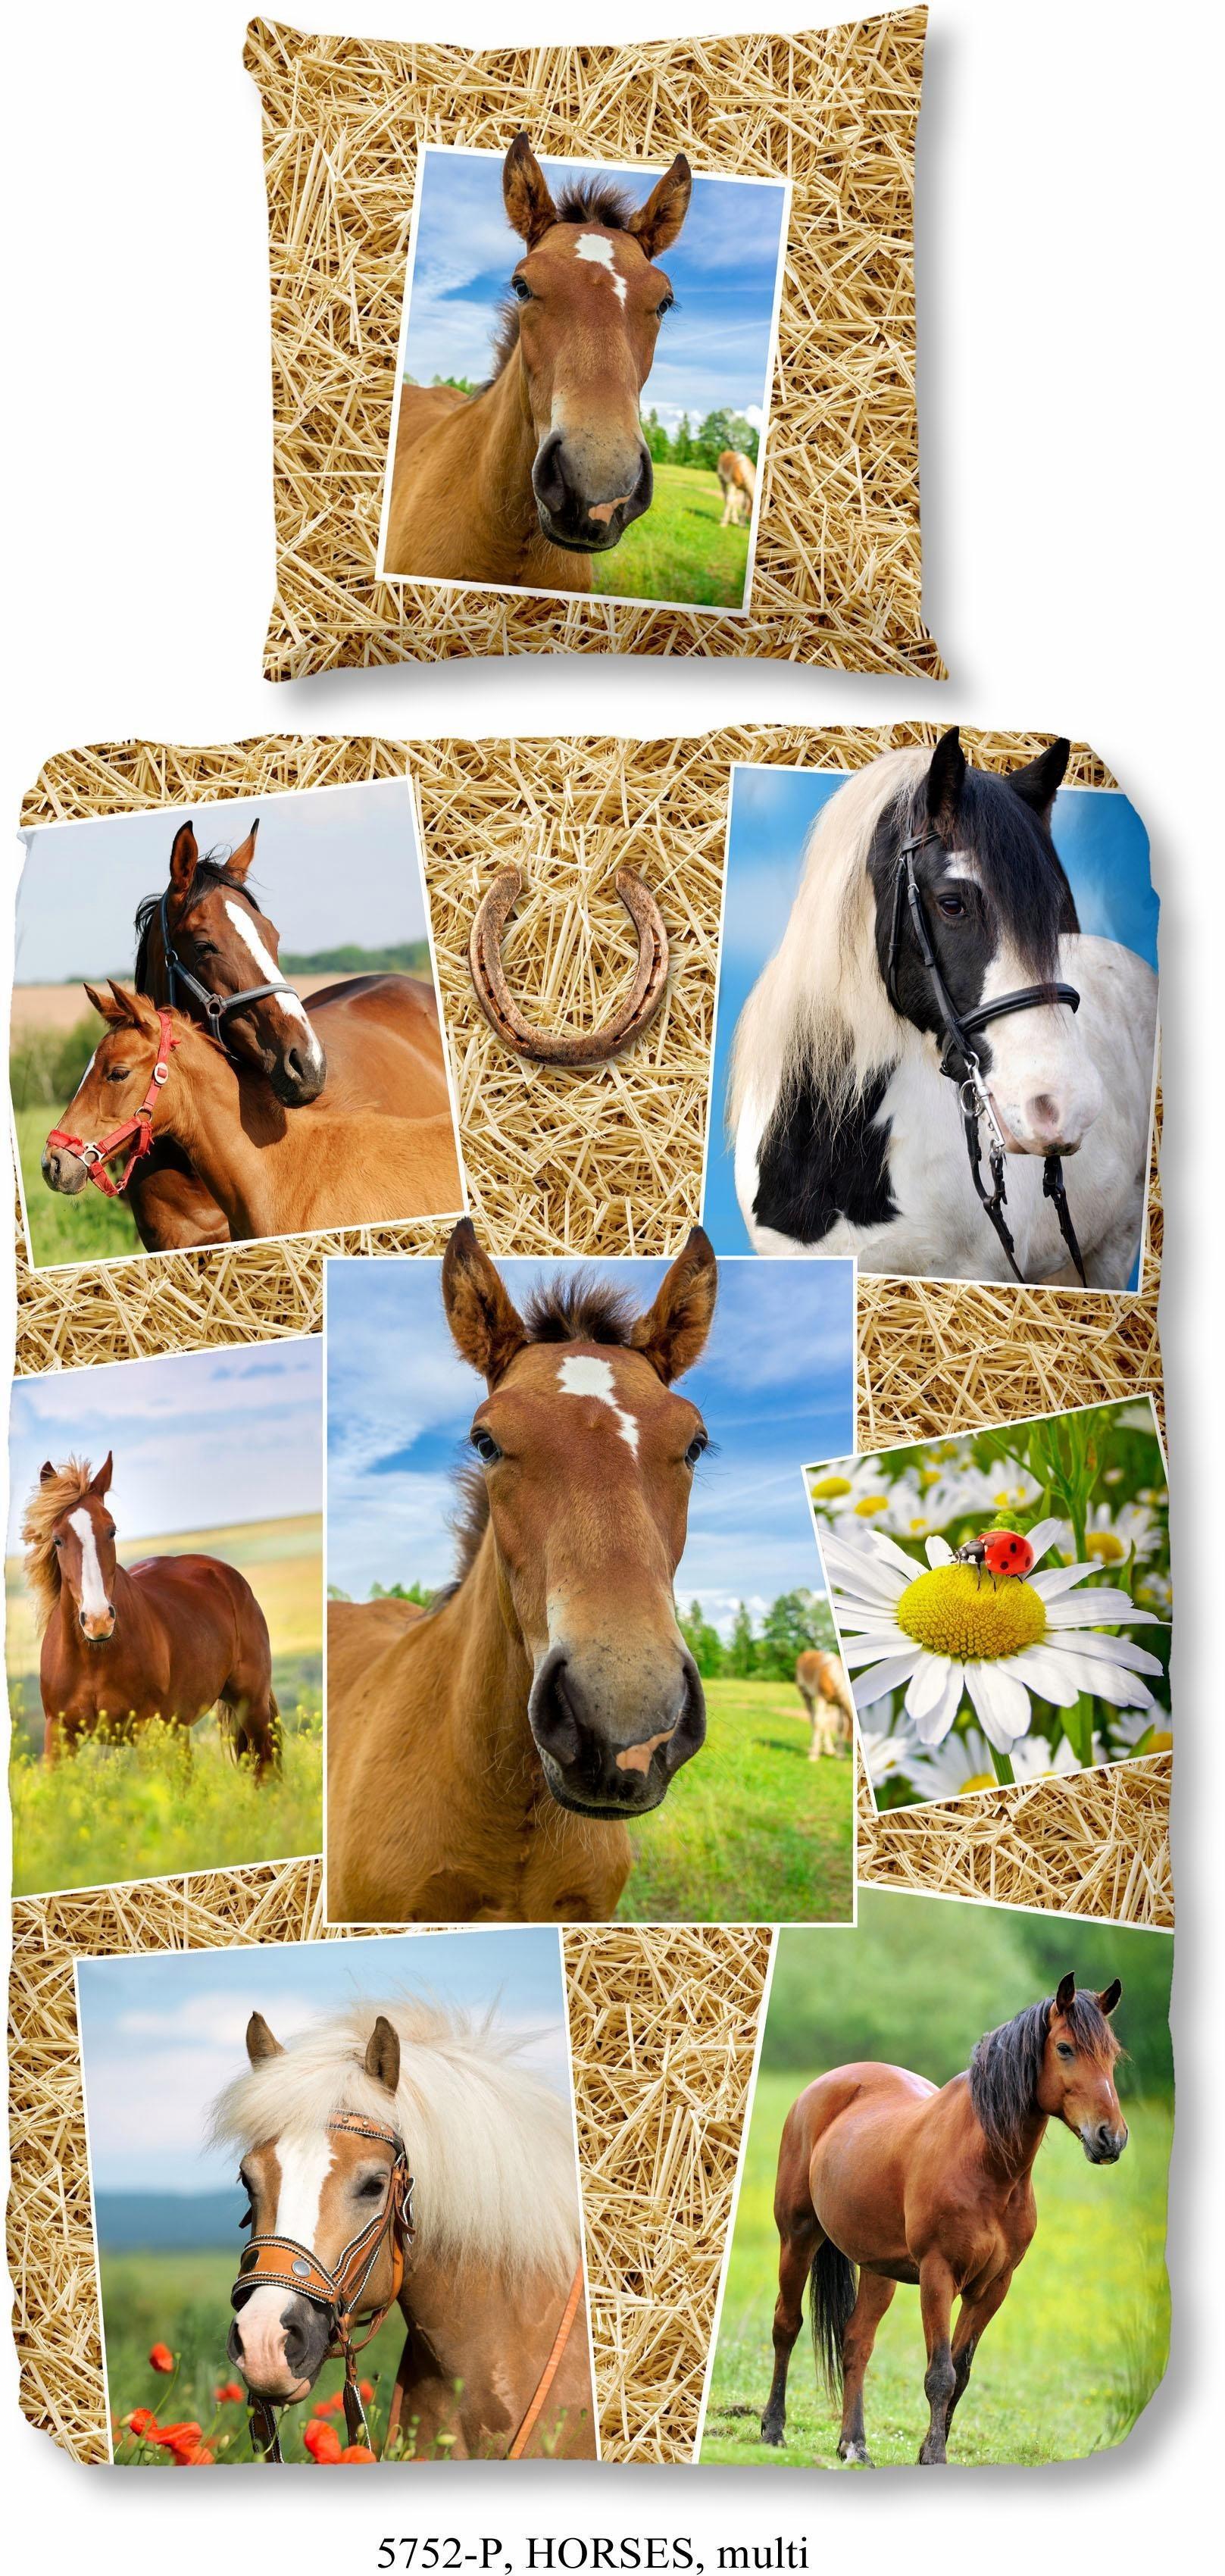 Kinderbettwäsche »Pferdestall«, good morning, mit Pferdemotiven | Kinderzimmer > Textilien für Kinder > Kinderbettwäsche | good morning